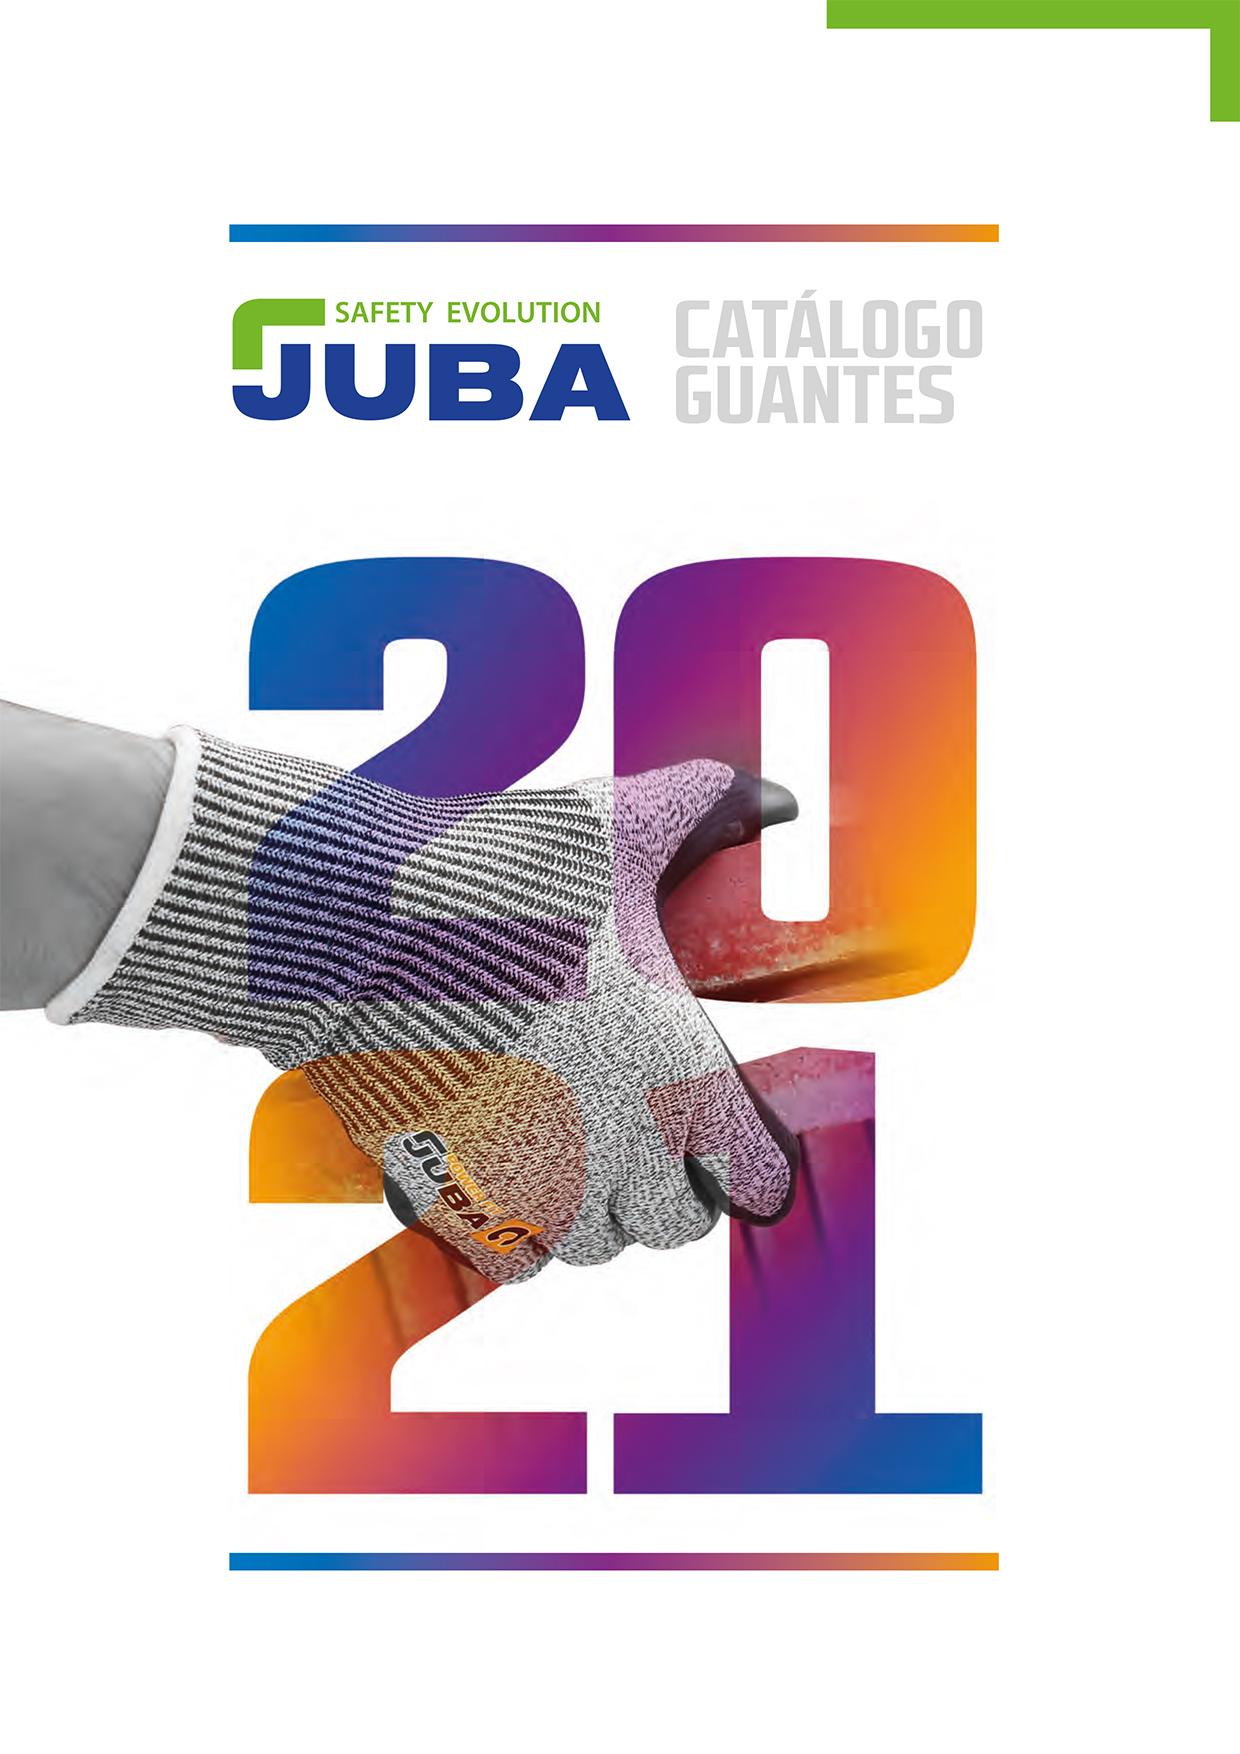 Juba Catálogo General Guantes 2021